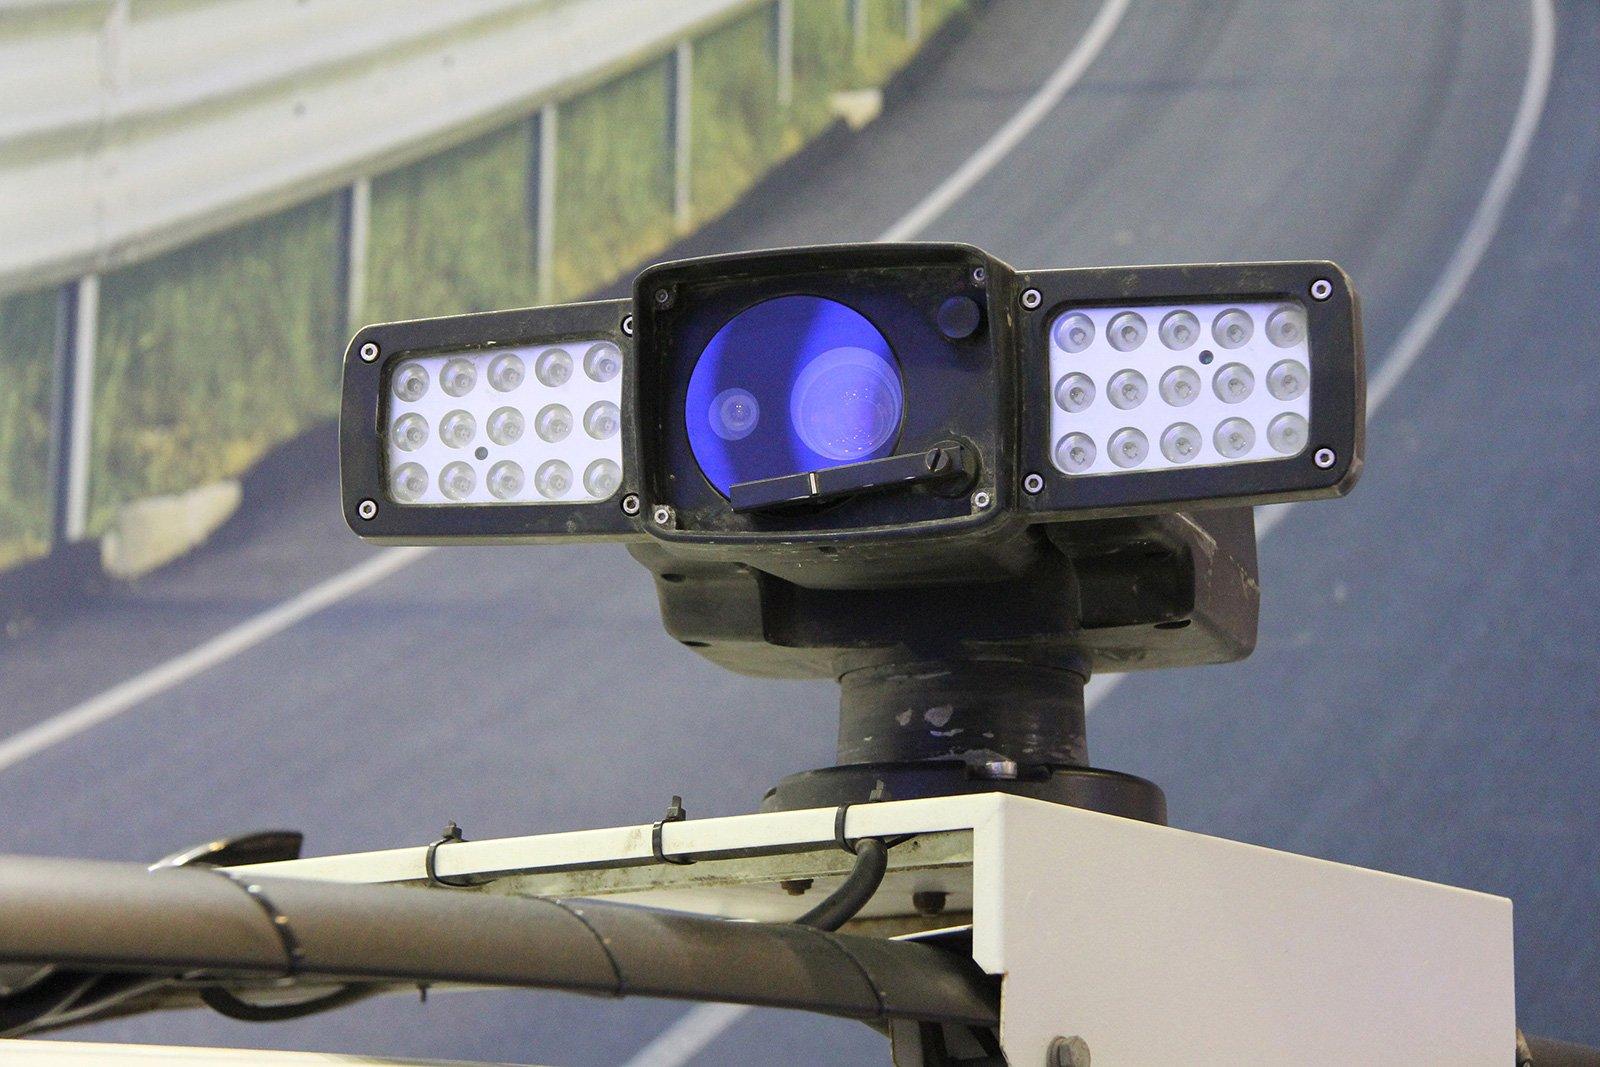 Обжалование штрафов с камер фотовидеофиксации. Дистанционная апелляция